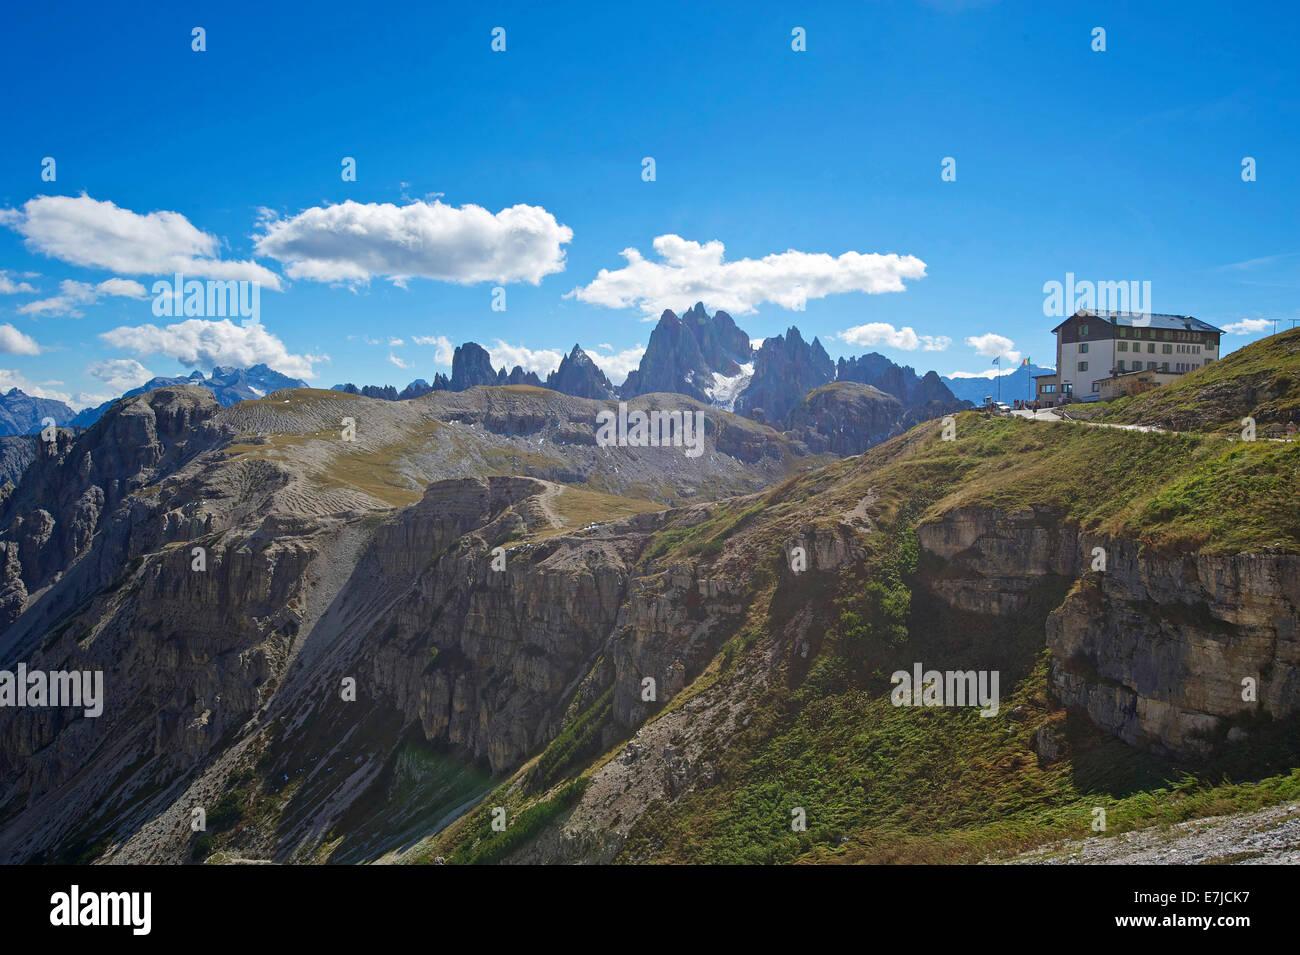 Italy, Europe, Trentino, South Tirol, South Tyrol, outside, Dolomites, mountains, mountain, landscape, mountainous, - Stock Image